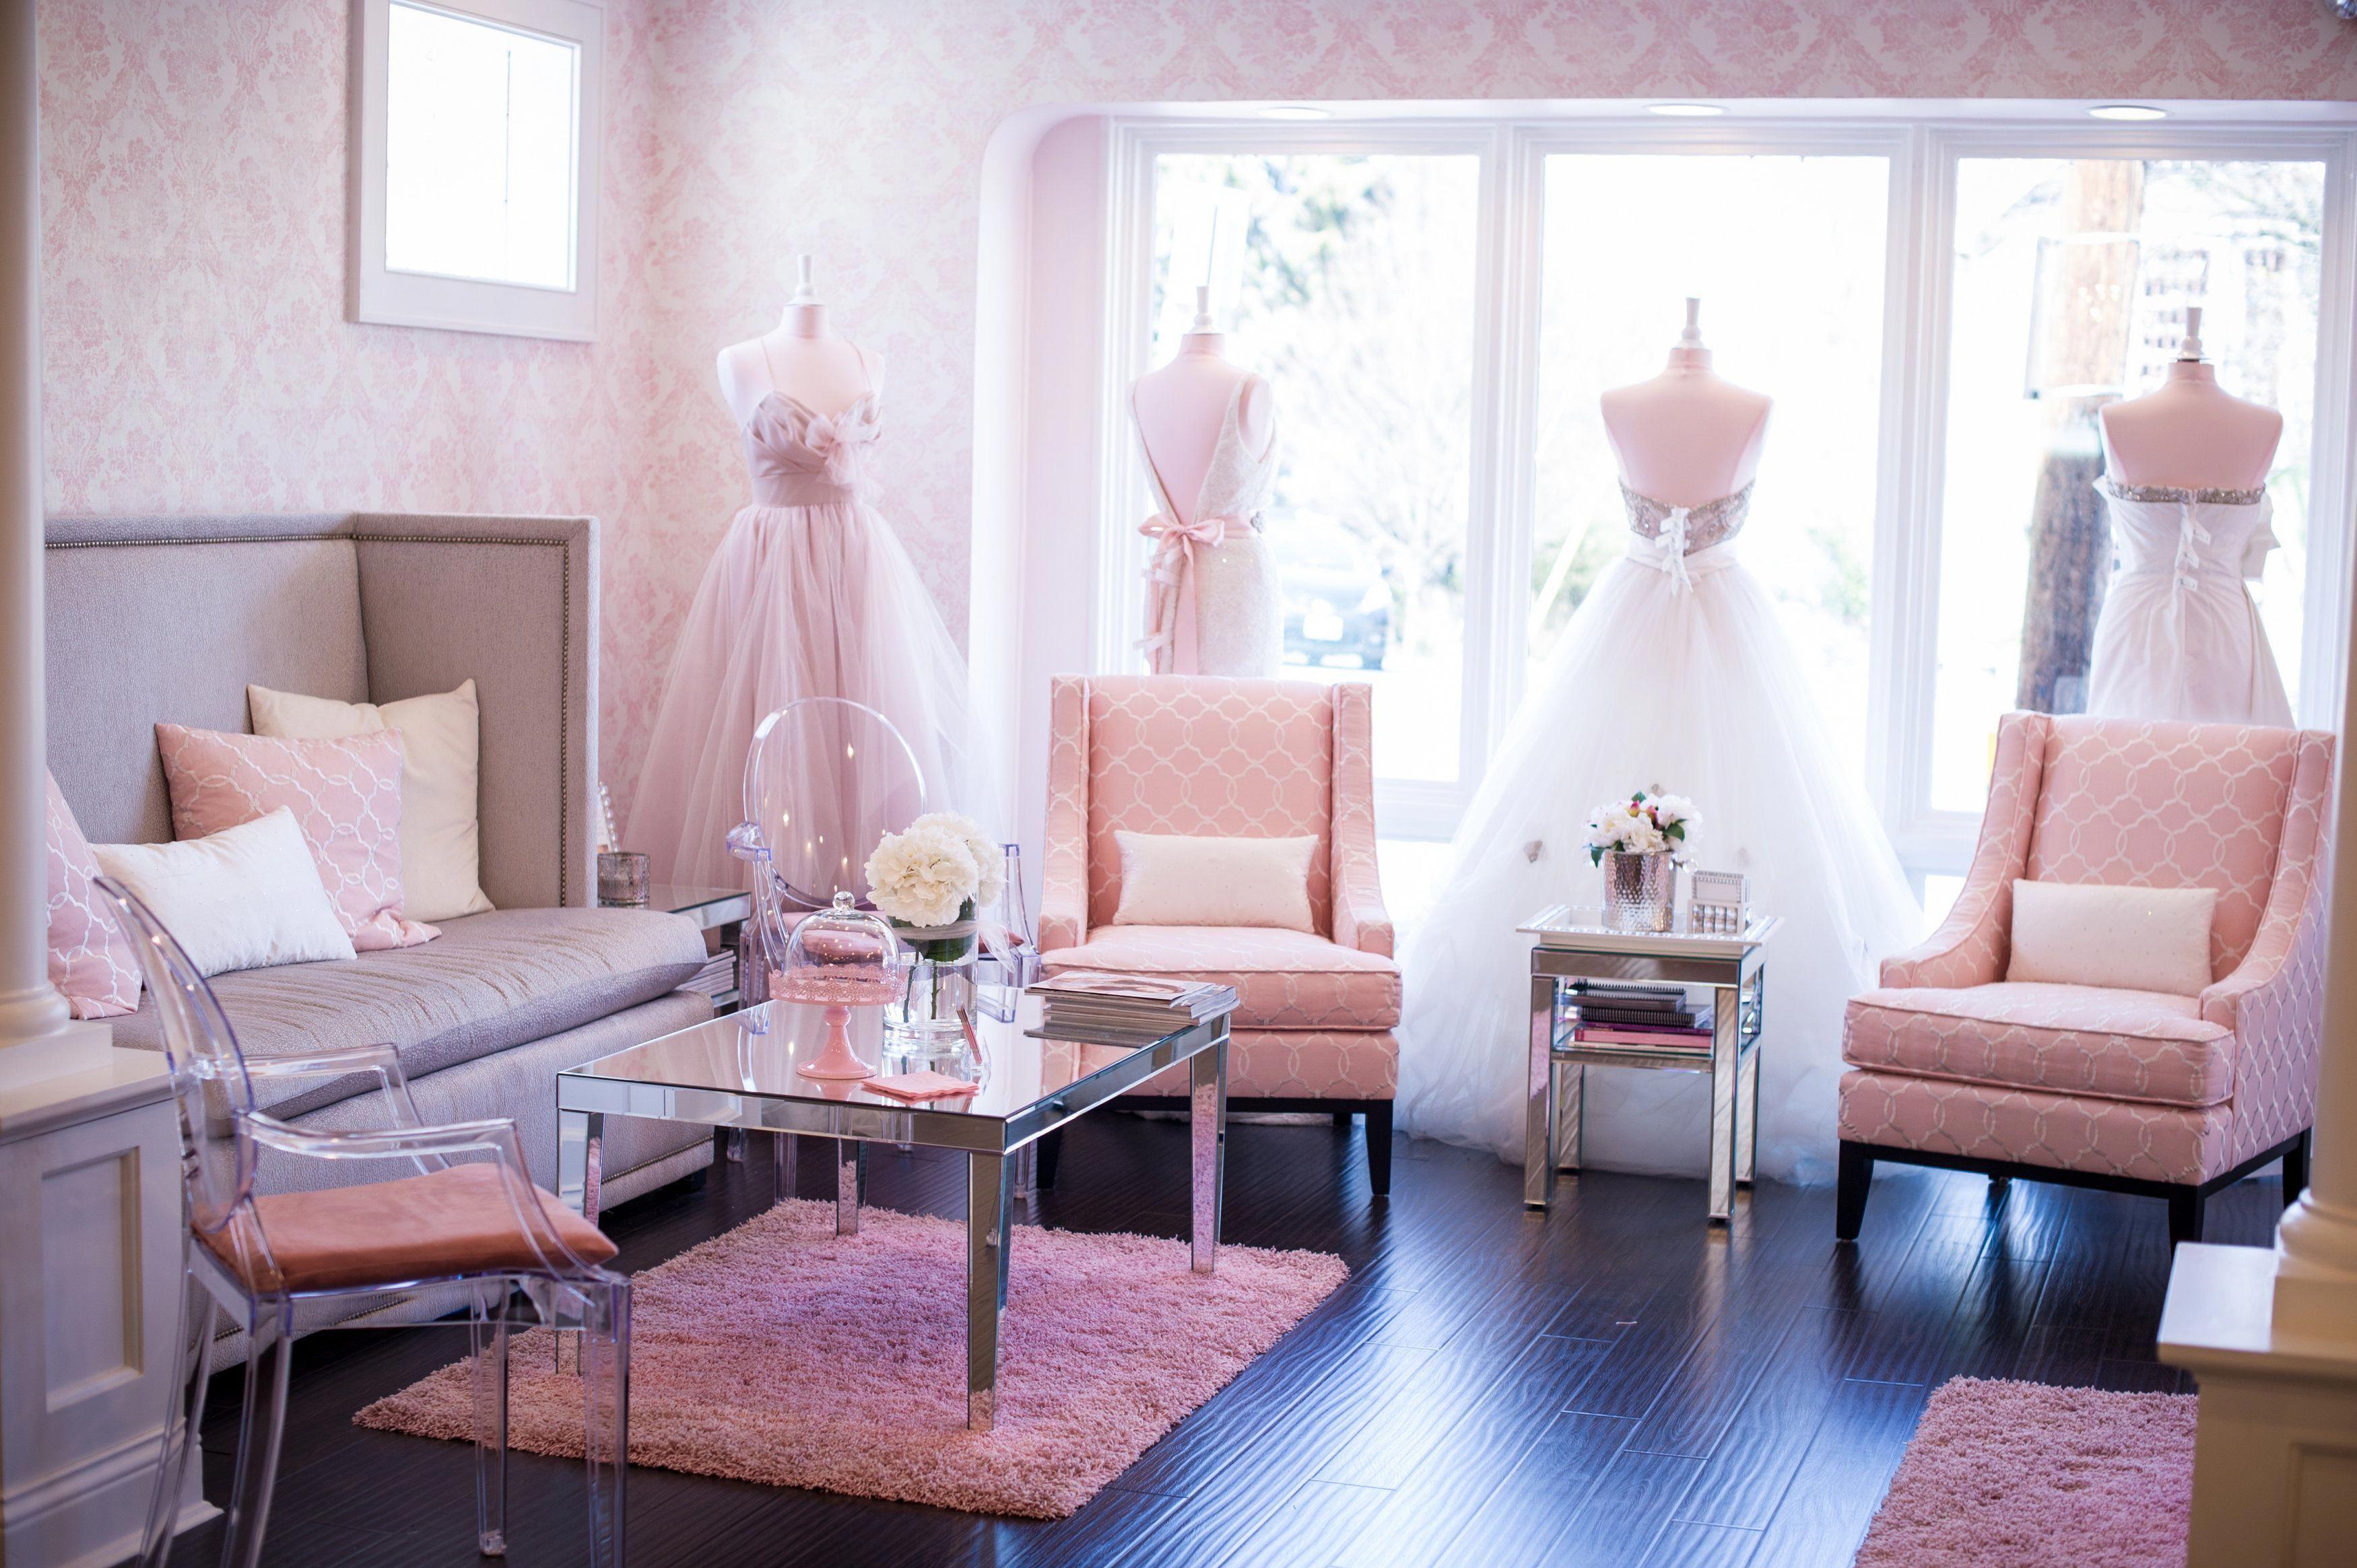 #LightsForHomeDecoration | Bridal room decor, Bridal ...